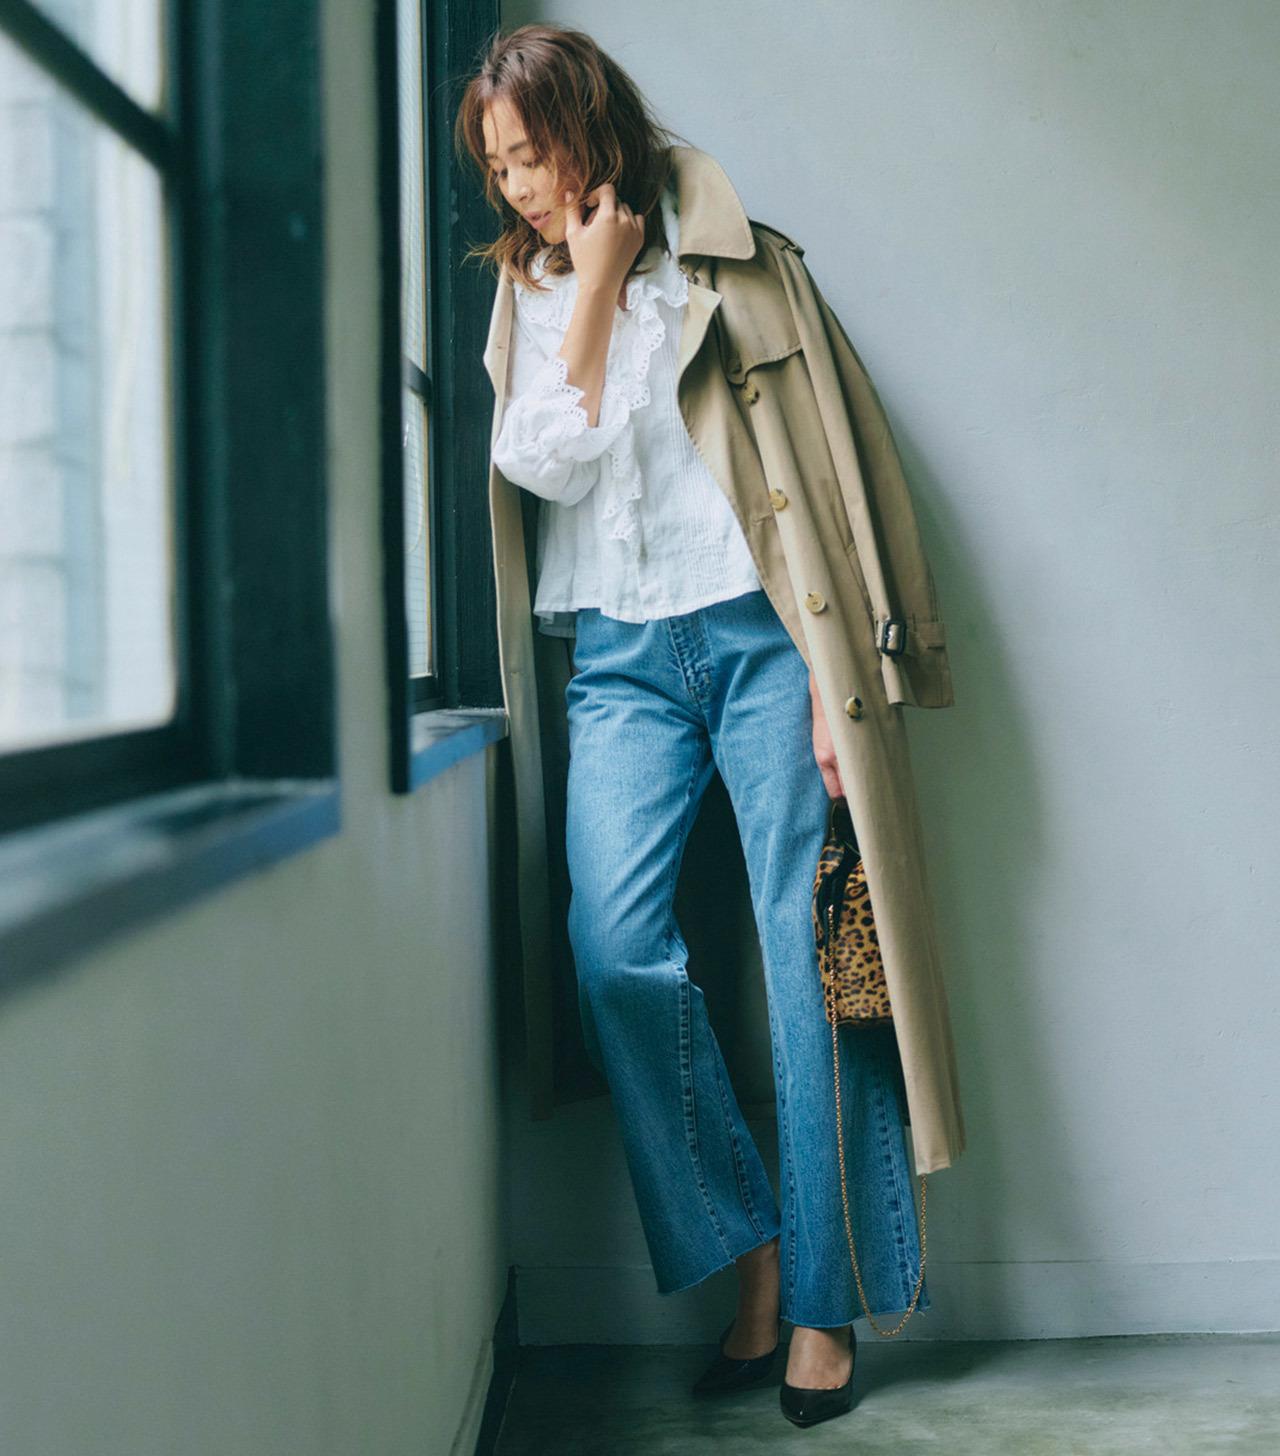 この春のHIT服「シャツ」をアラフォーはこう着る!最旬シャツコーデまとめ|40代ファッション_1_2